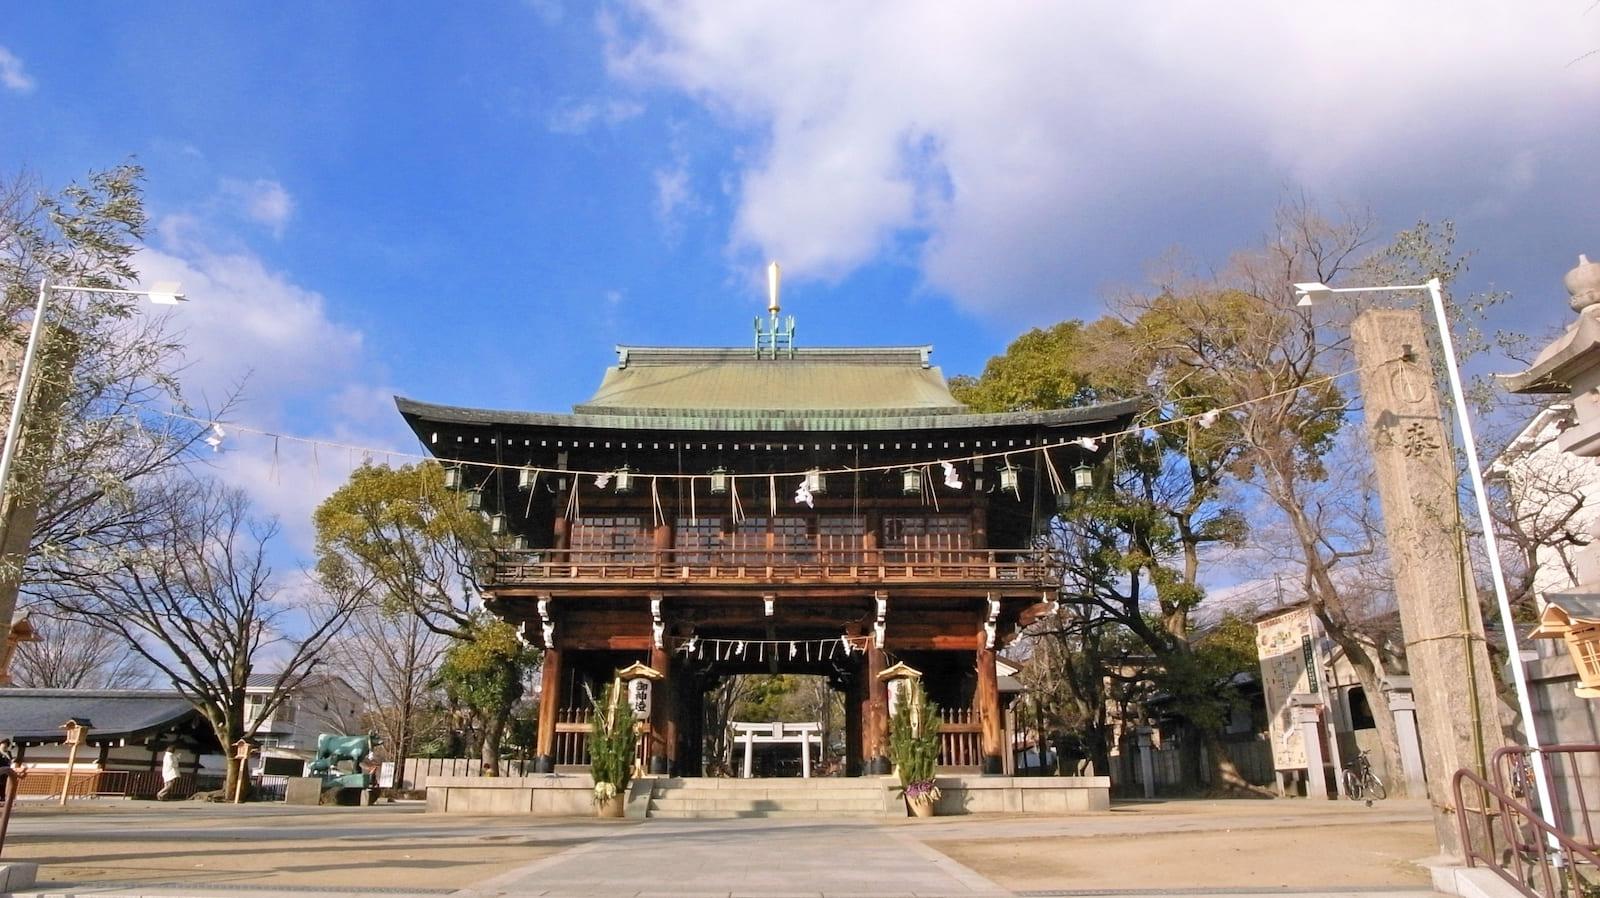 街歩きをして歴史を学びながら謎解きゲームはいかが?東大阪市の石切劔箭神社で歴史リアル謎解きゲーム